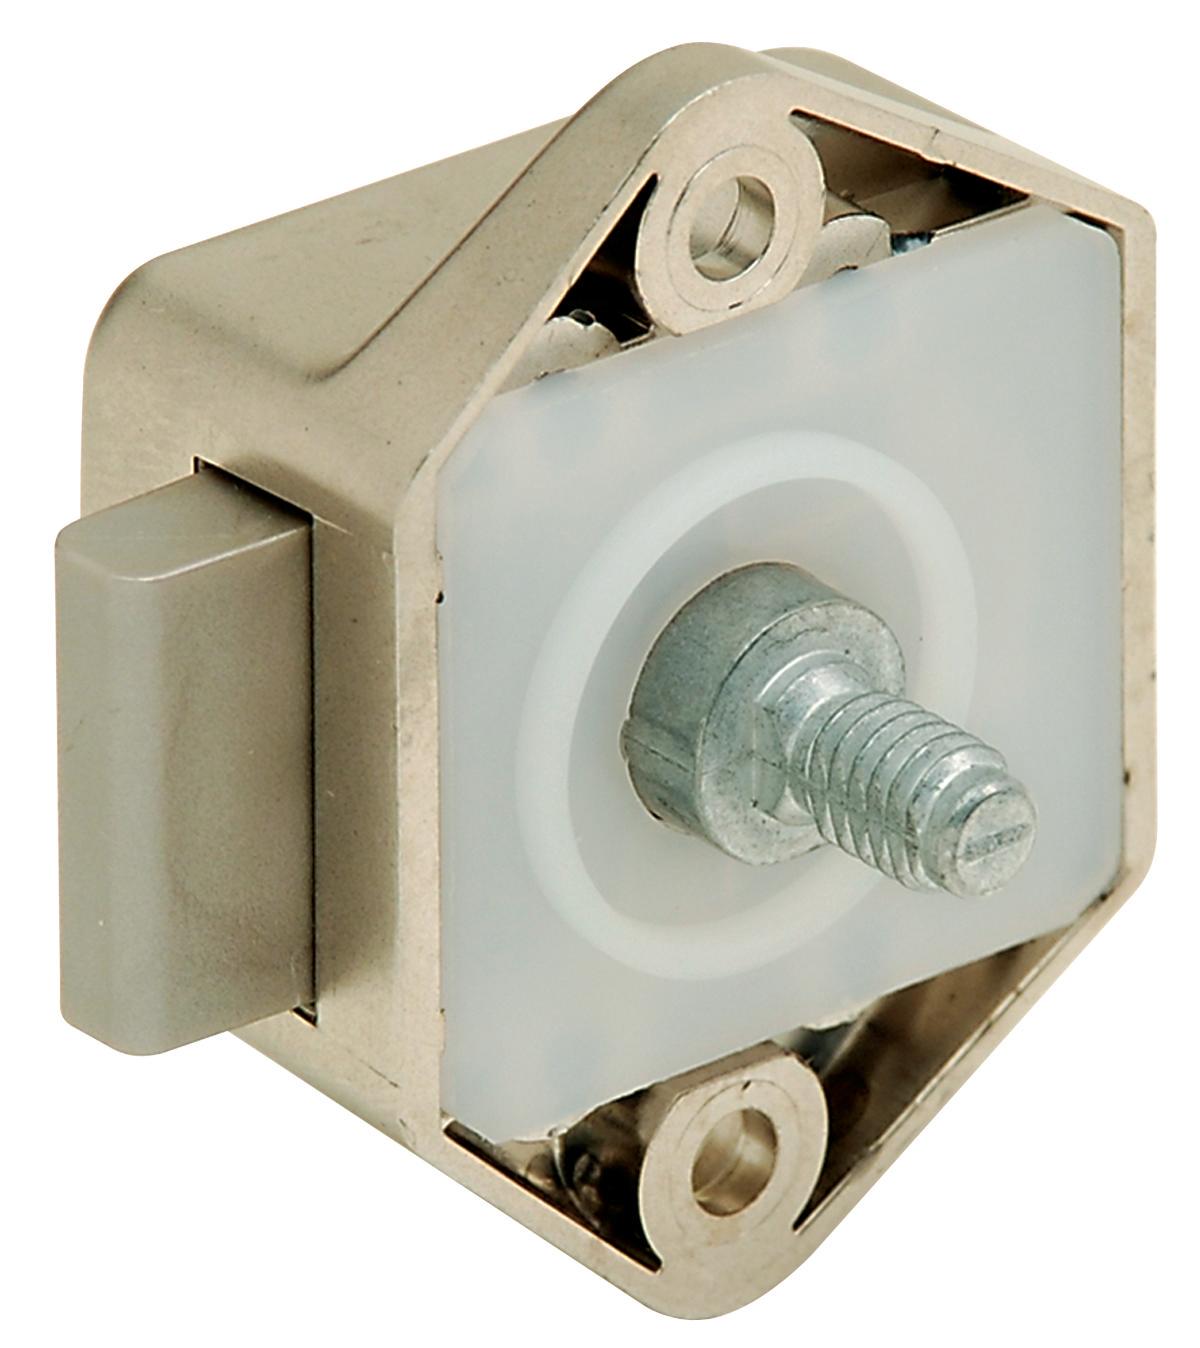 ... push button locks hafele 211 61 606 push lock mini plastic nickel